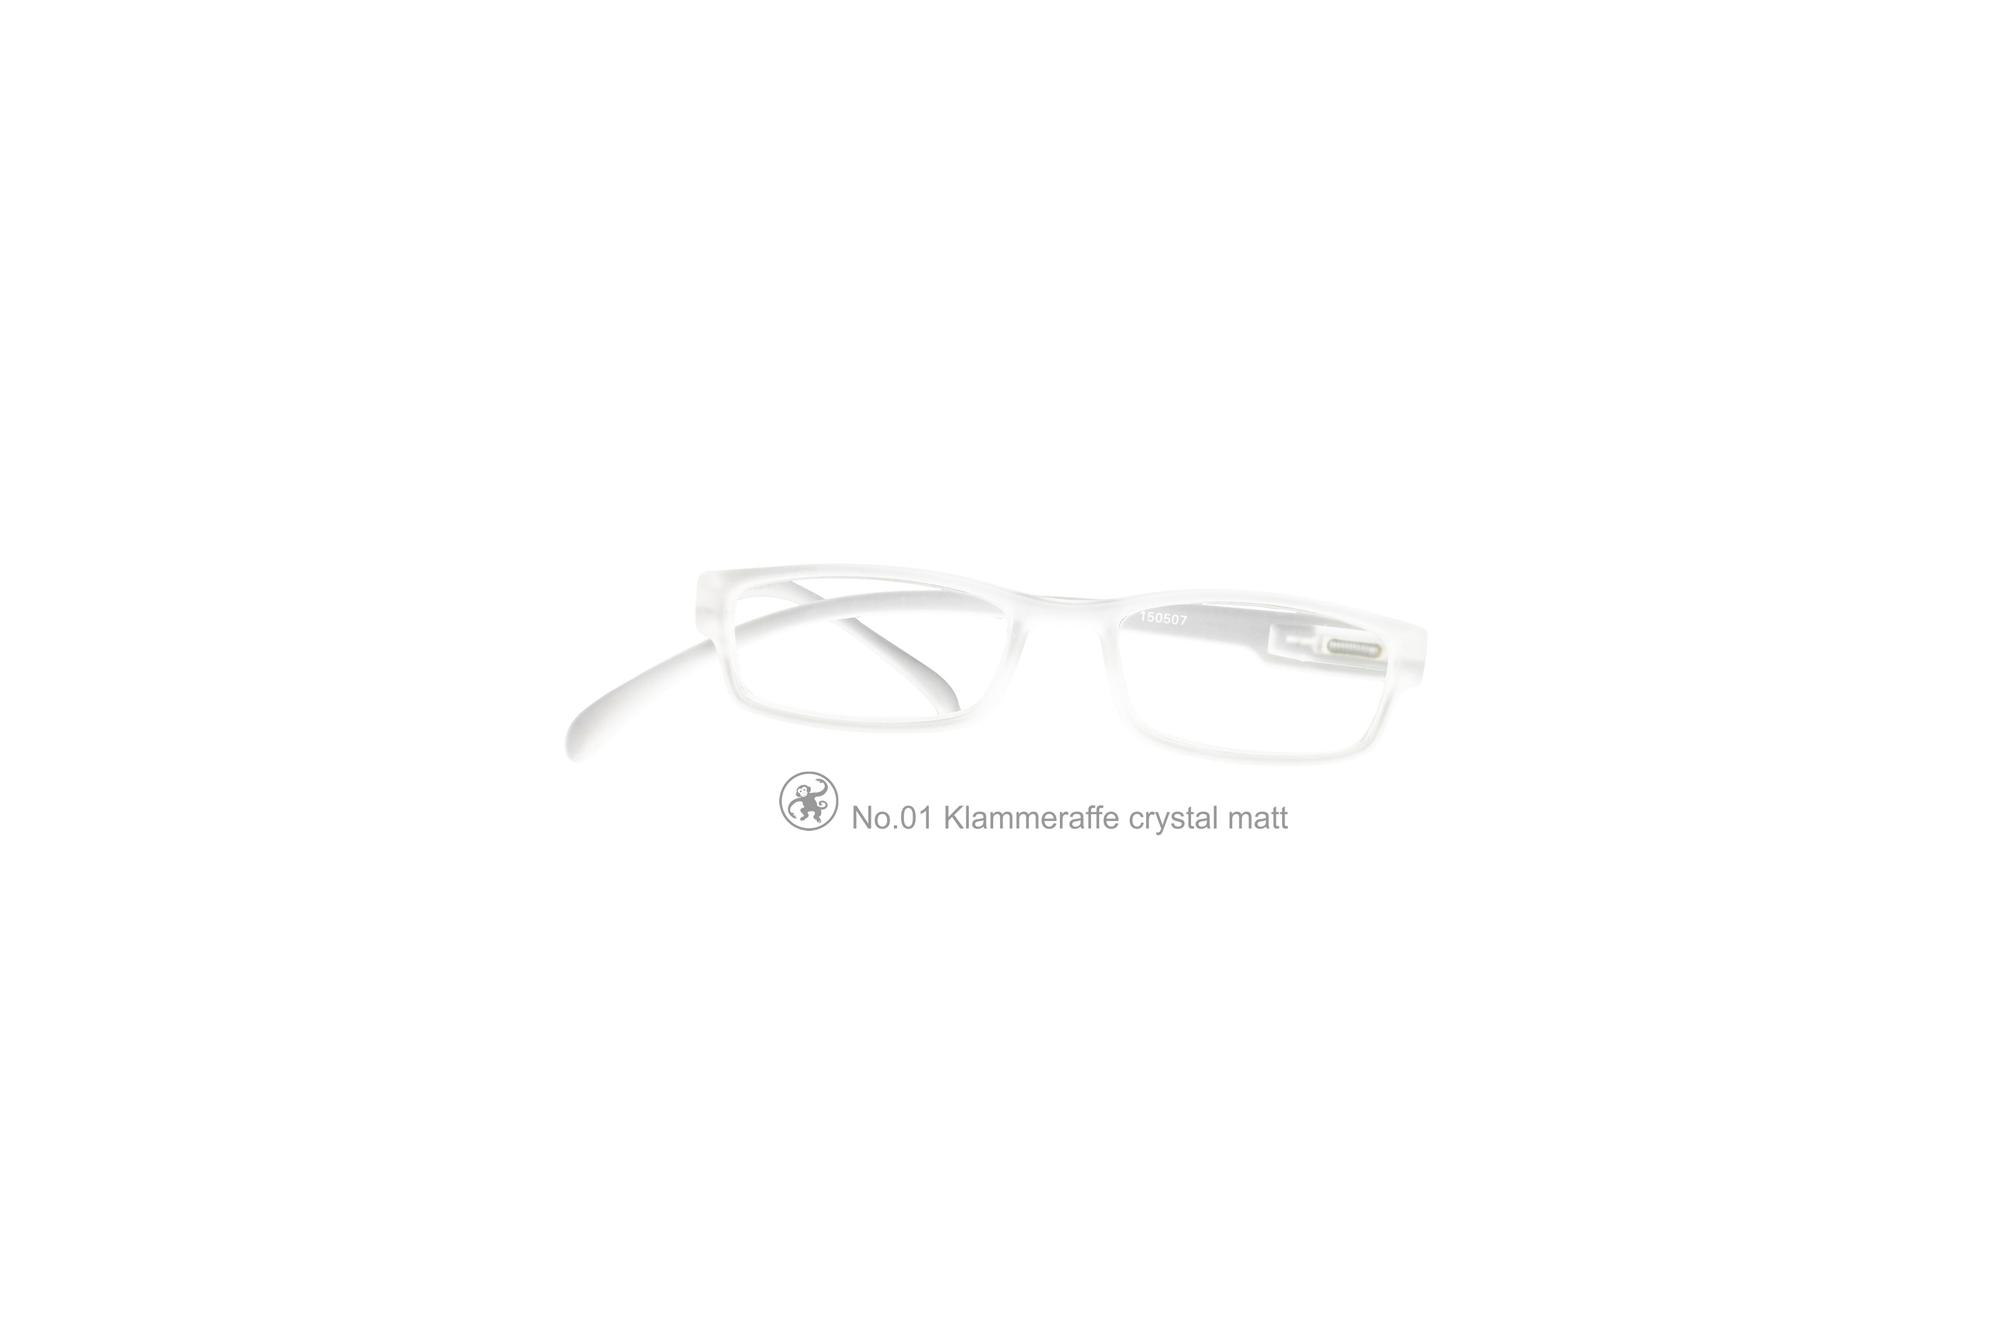 Klammeraffe Modell 01